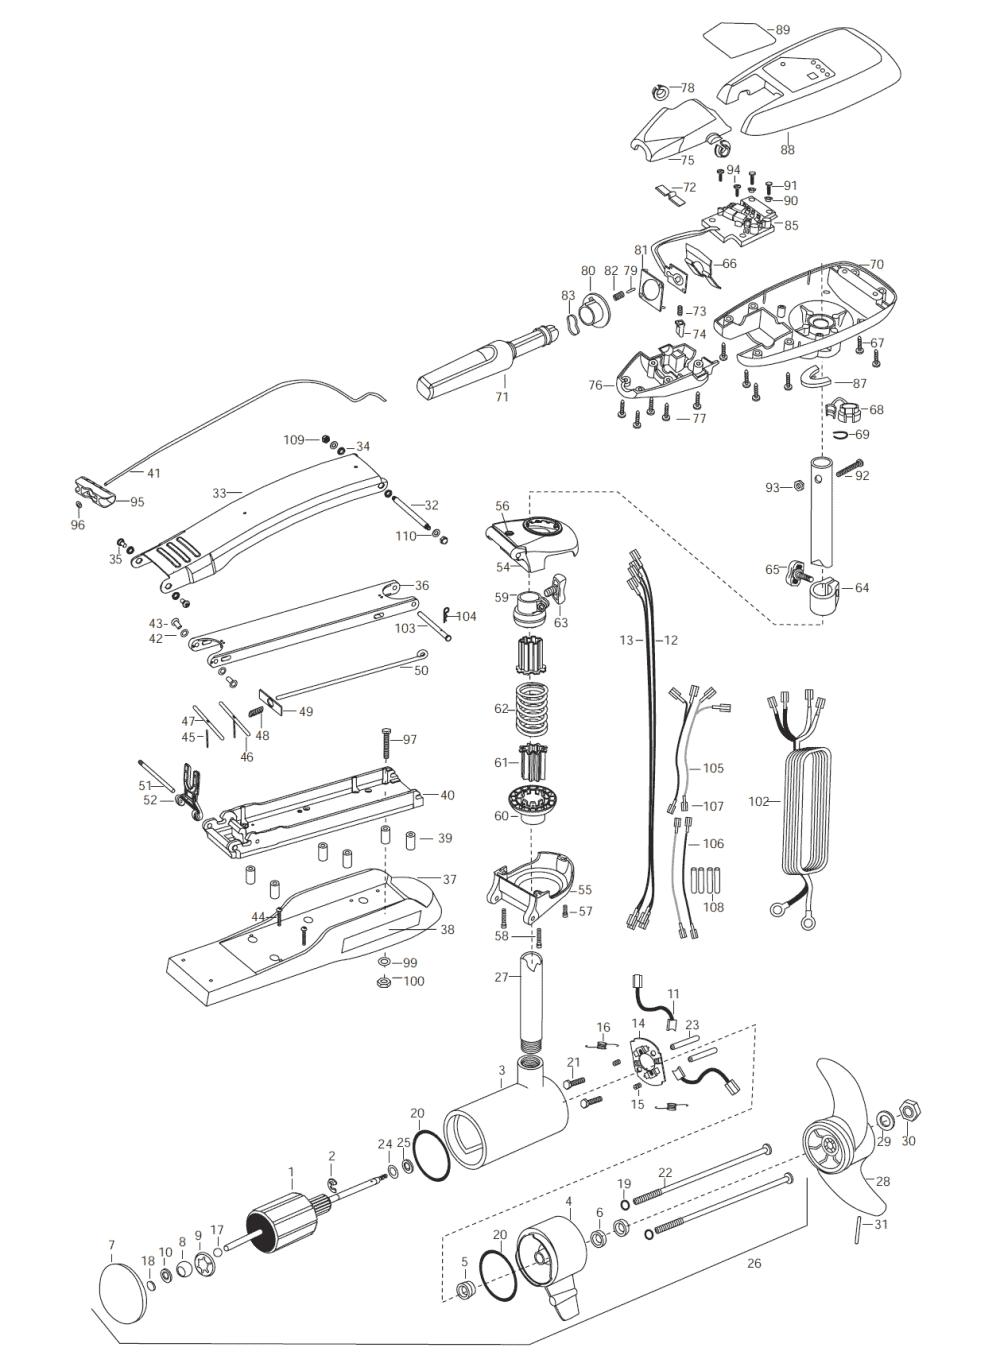 medium resolution of minn kota maxxum 74 hand control 52 inch parts 2003 minn kota 12 volt wiring diagram minn kota wiring schematic